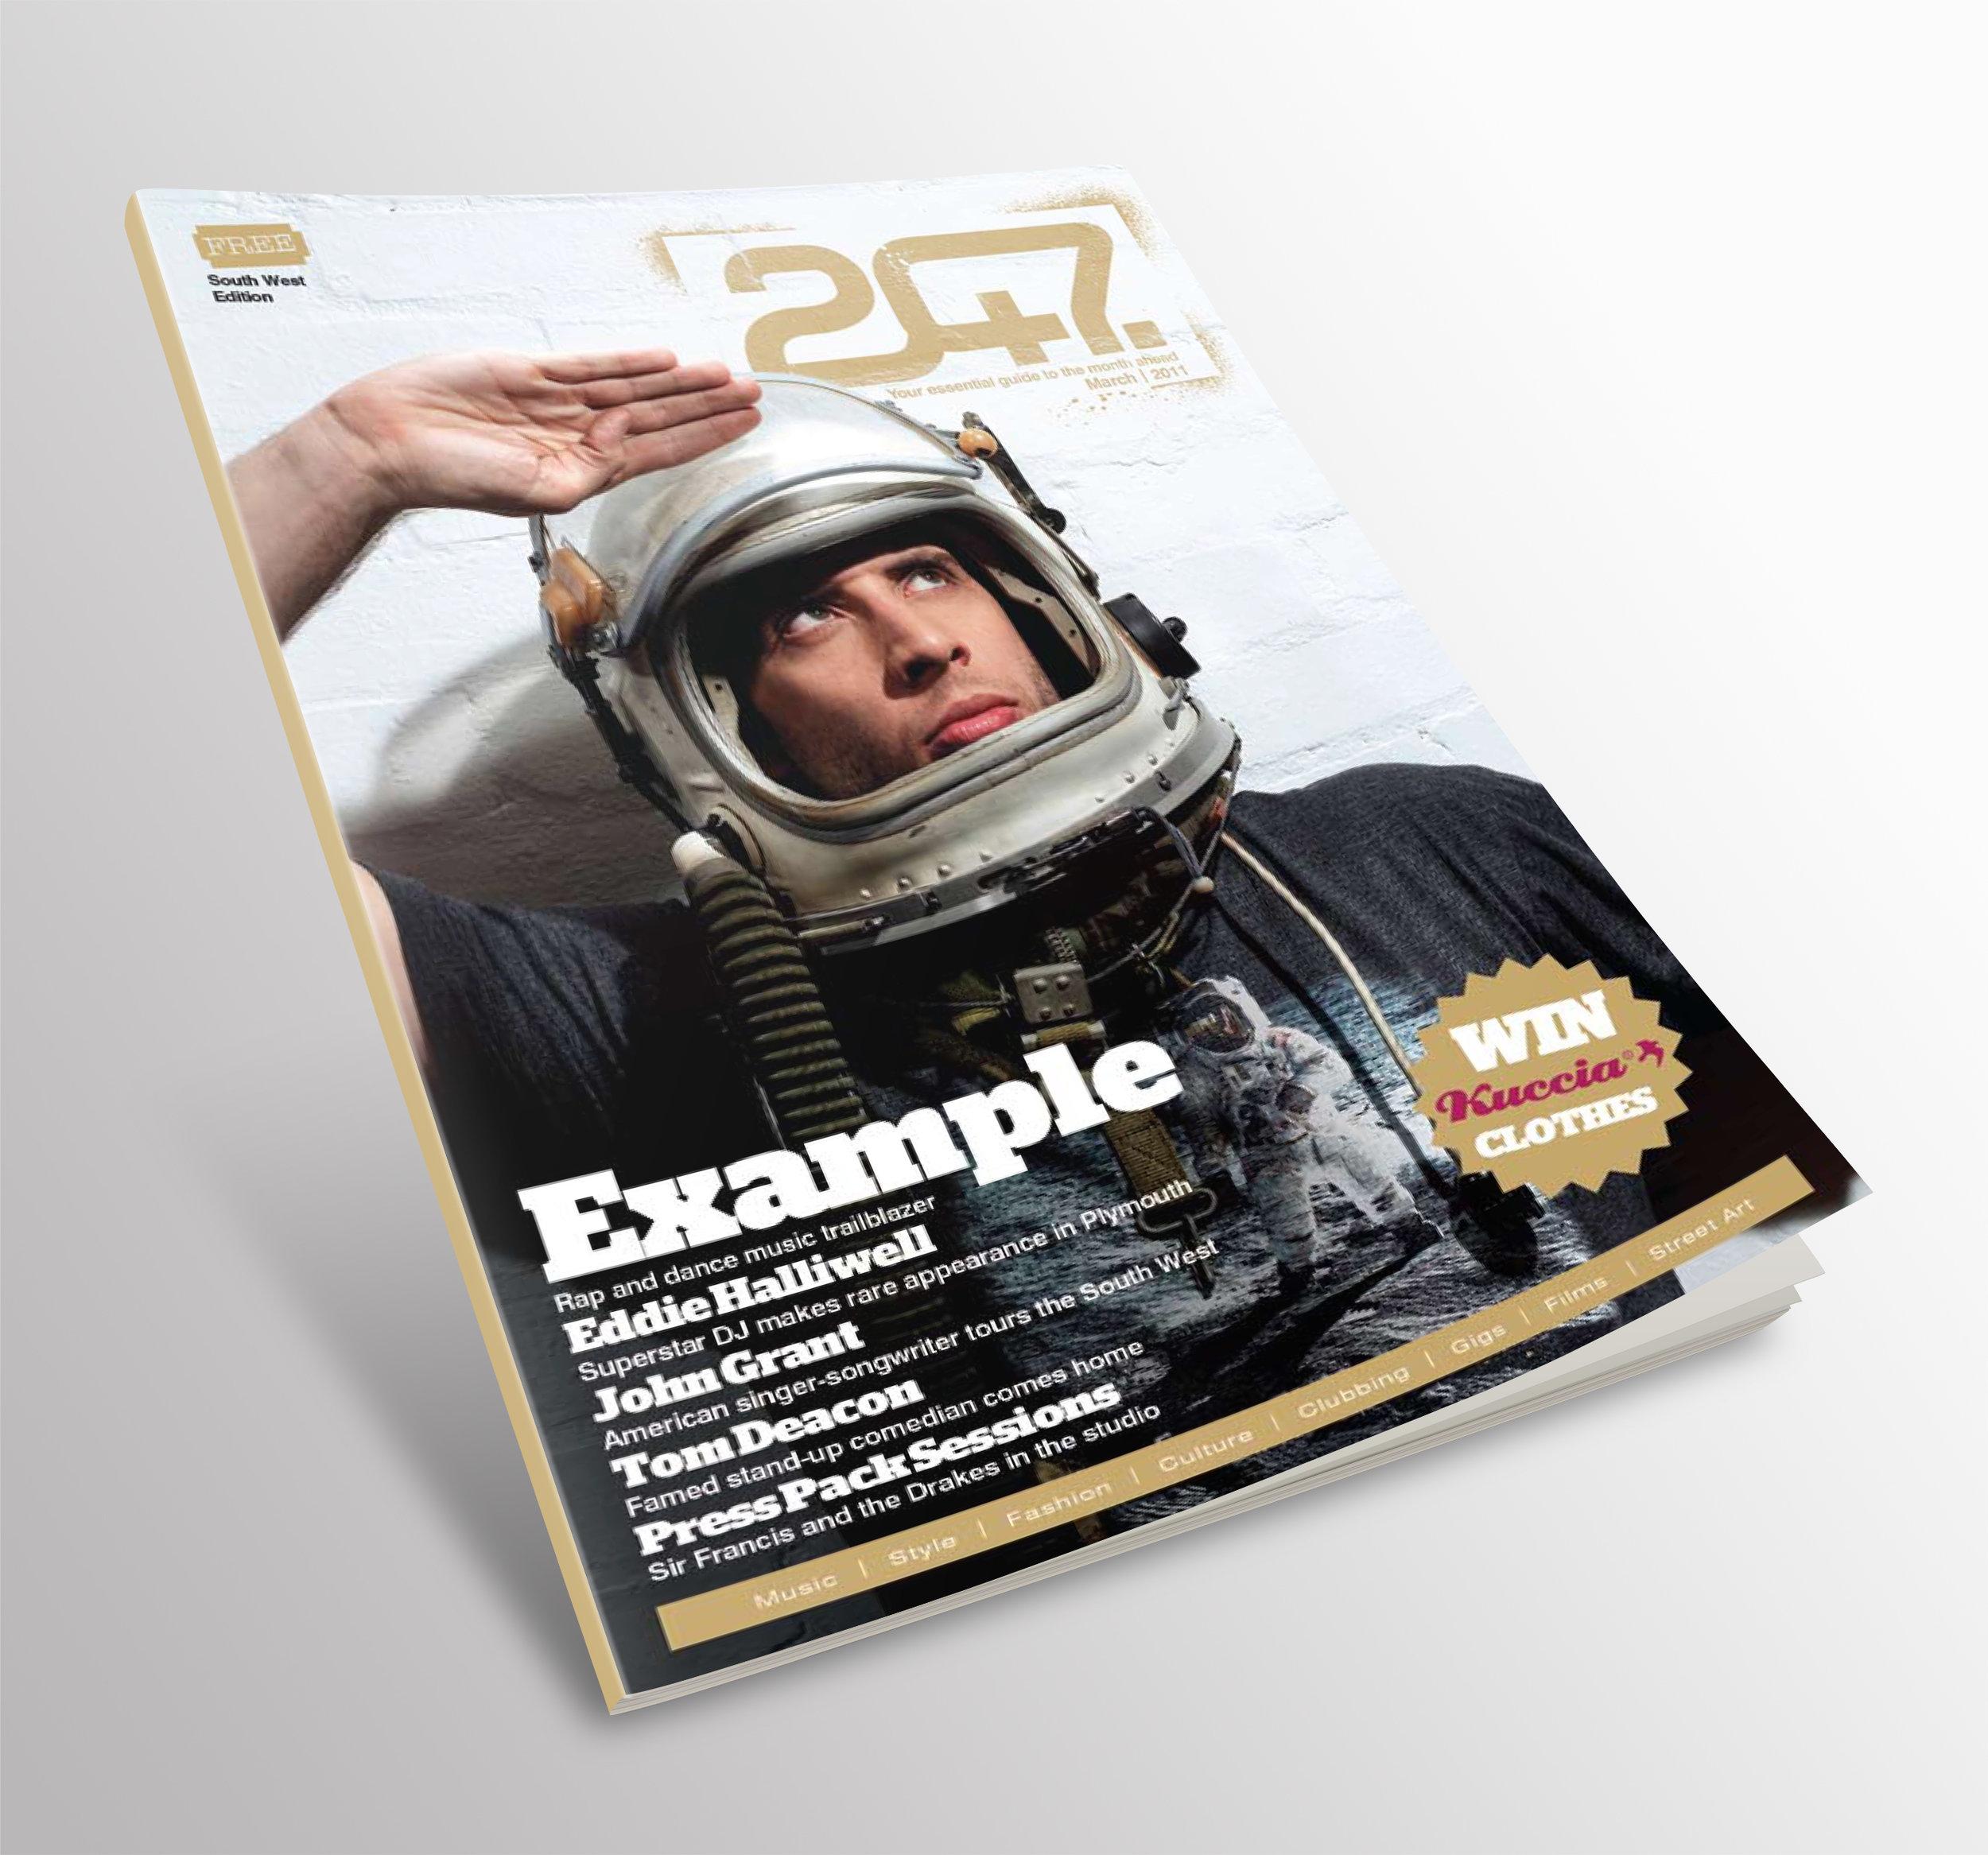 24-7 Mockup - Cover.jpg